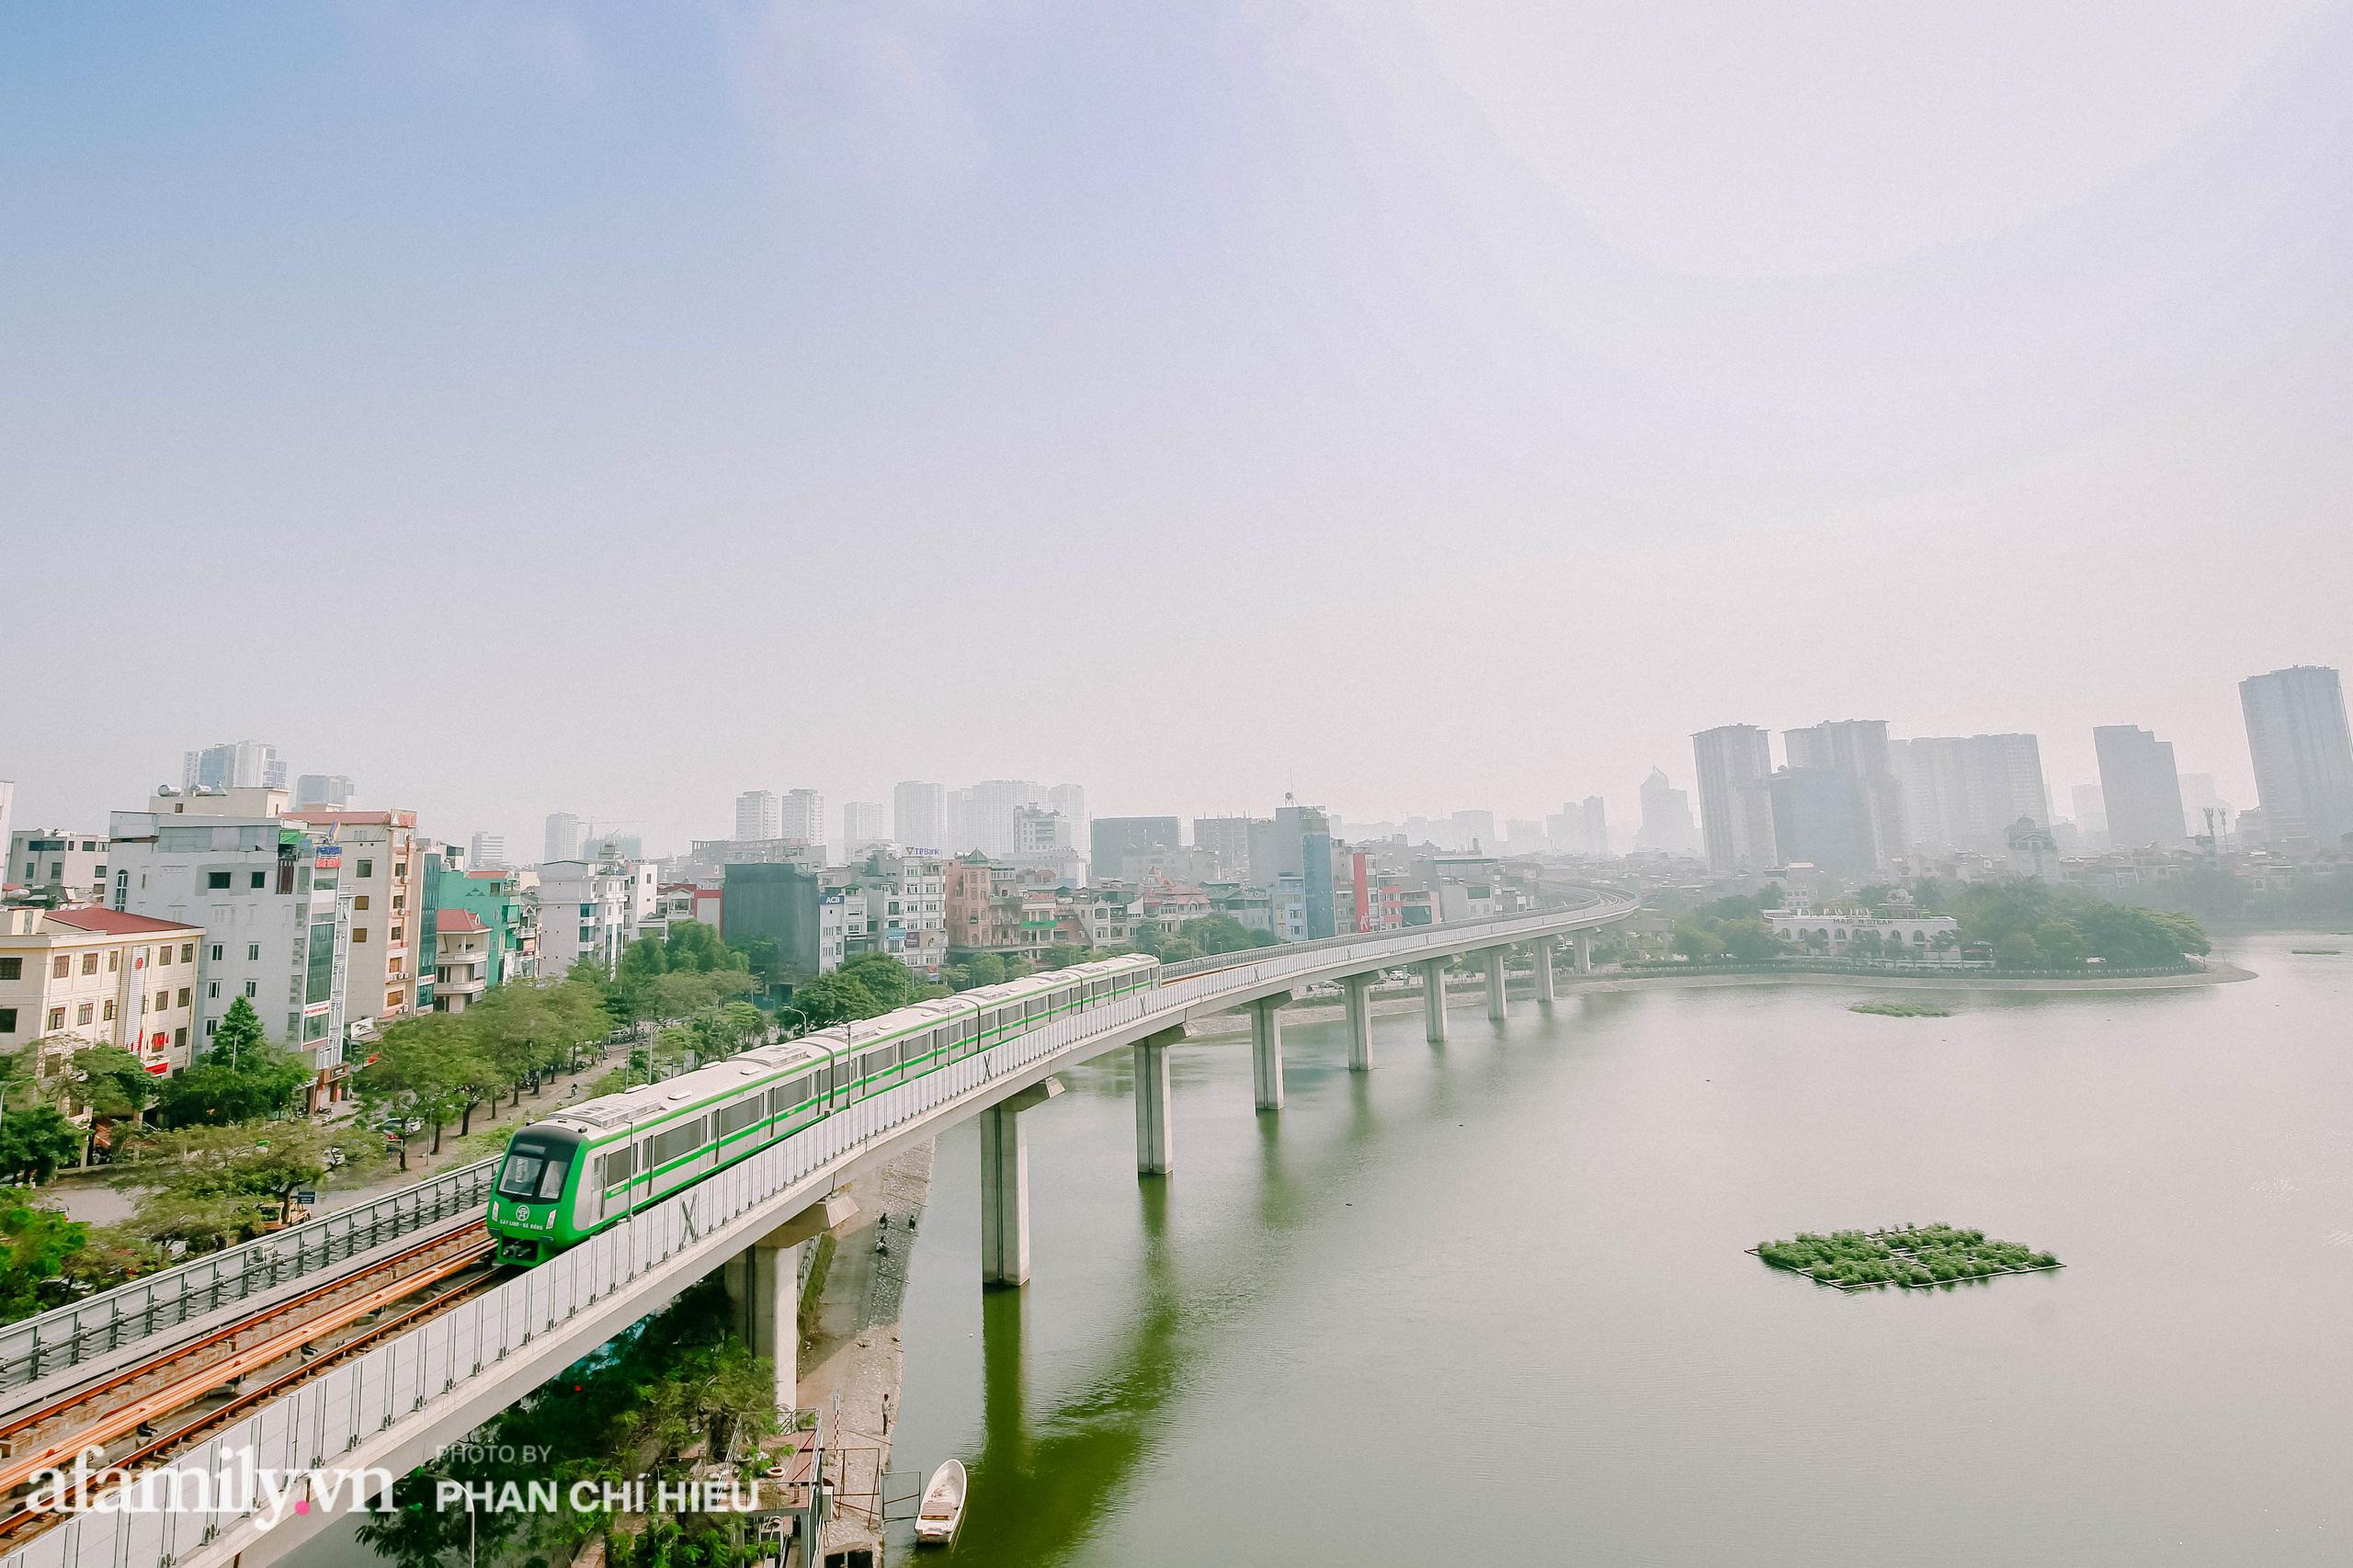 Tuyến đường sắt Cát Linh- Hà Đông đẹp cỡ nào mà được nhiều reviewer khen hết lời, lại còn rủ nhau đi mua vest để chuẩn bị đi thử trong năm 2021 - Ảnh 1.